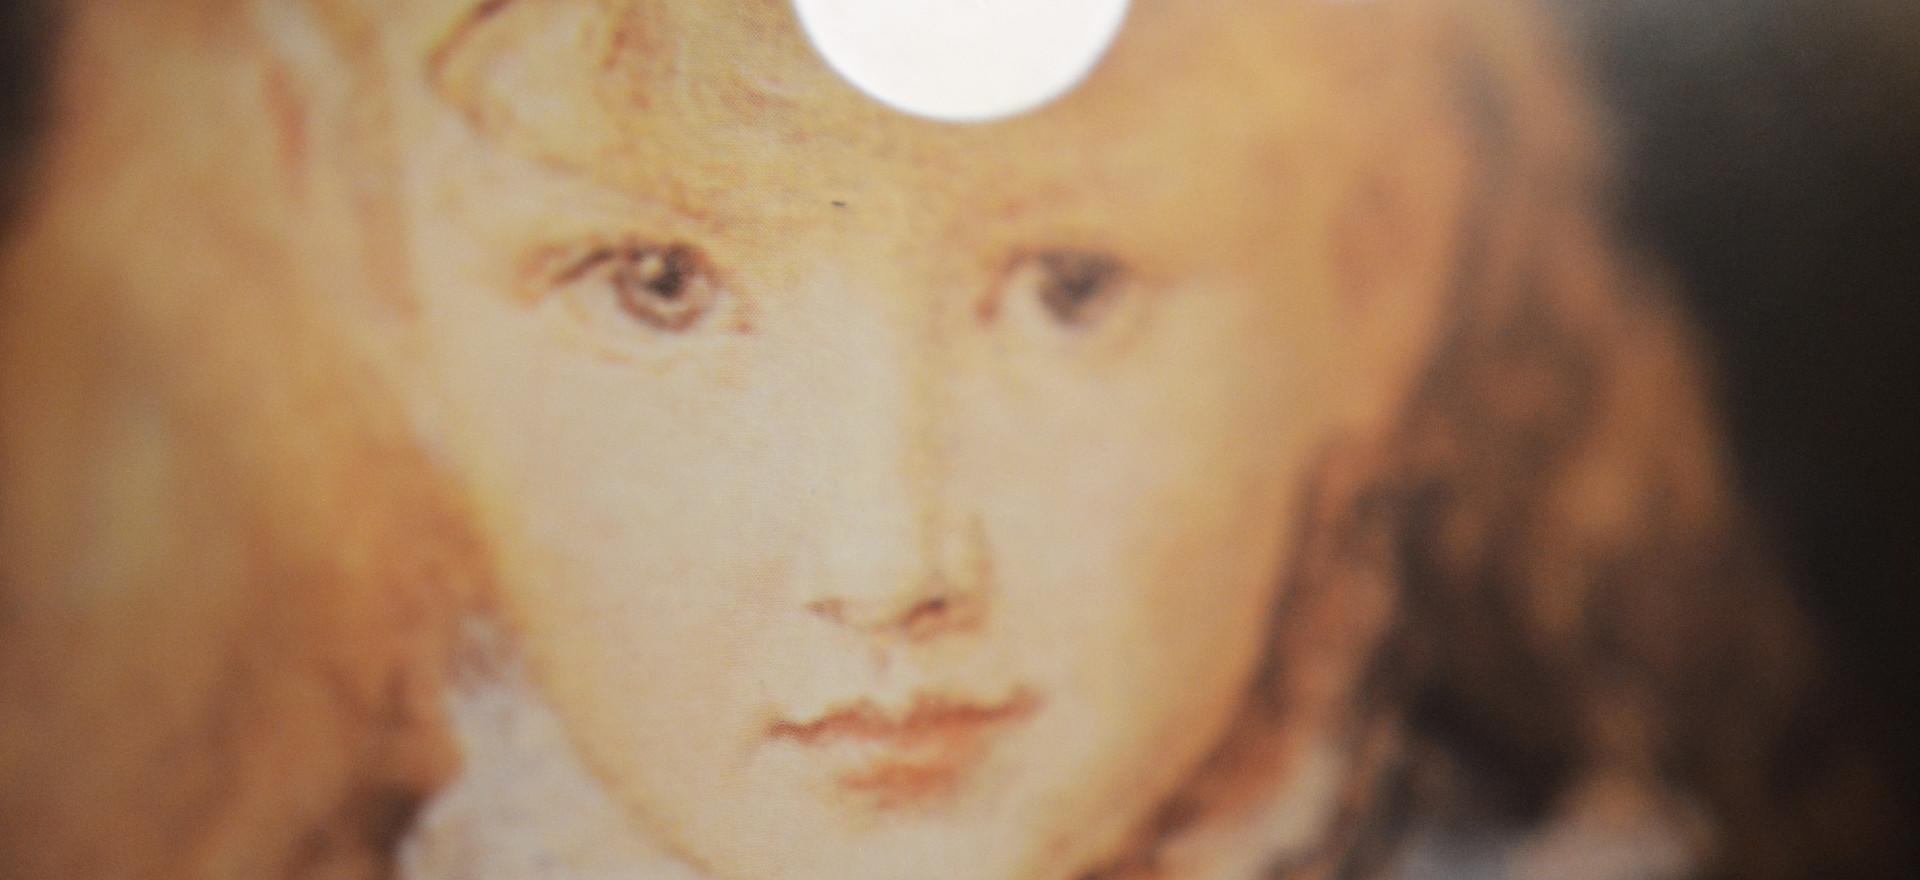 Old-Painting-Of-Little-Girl.jpg